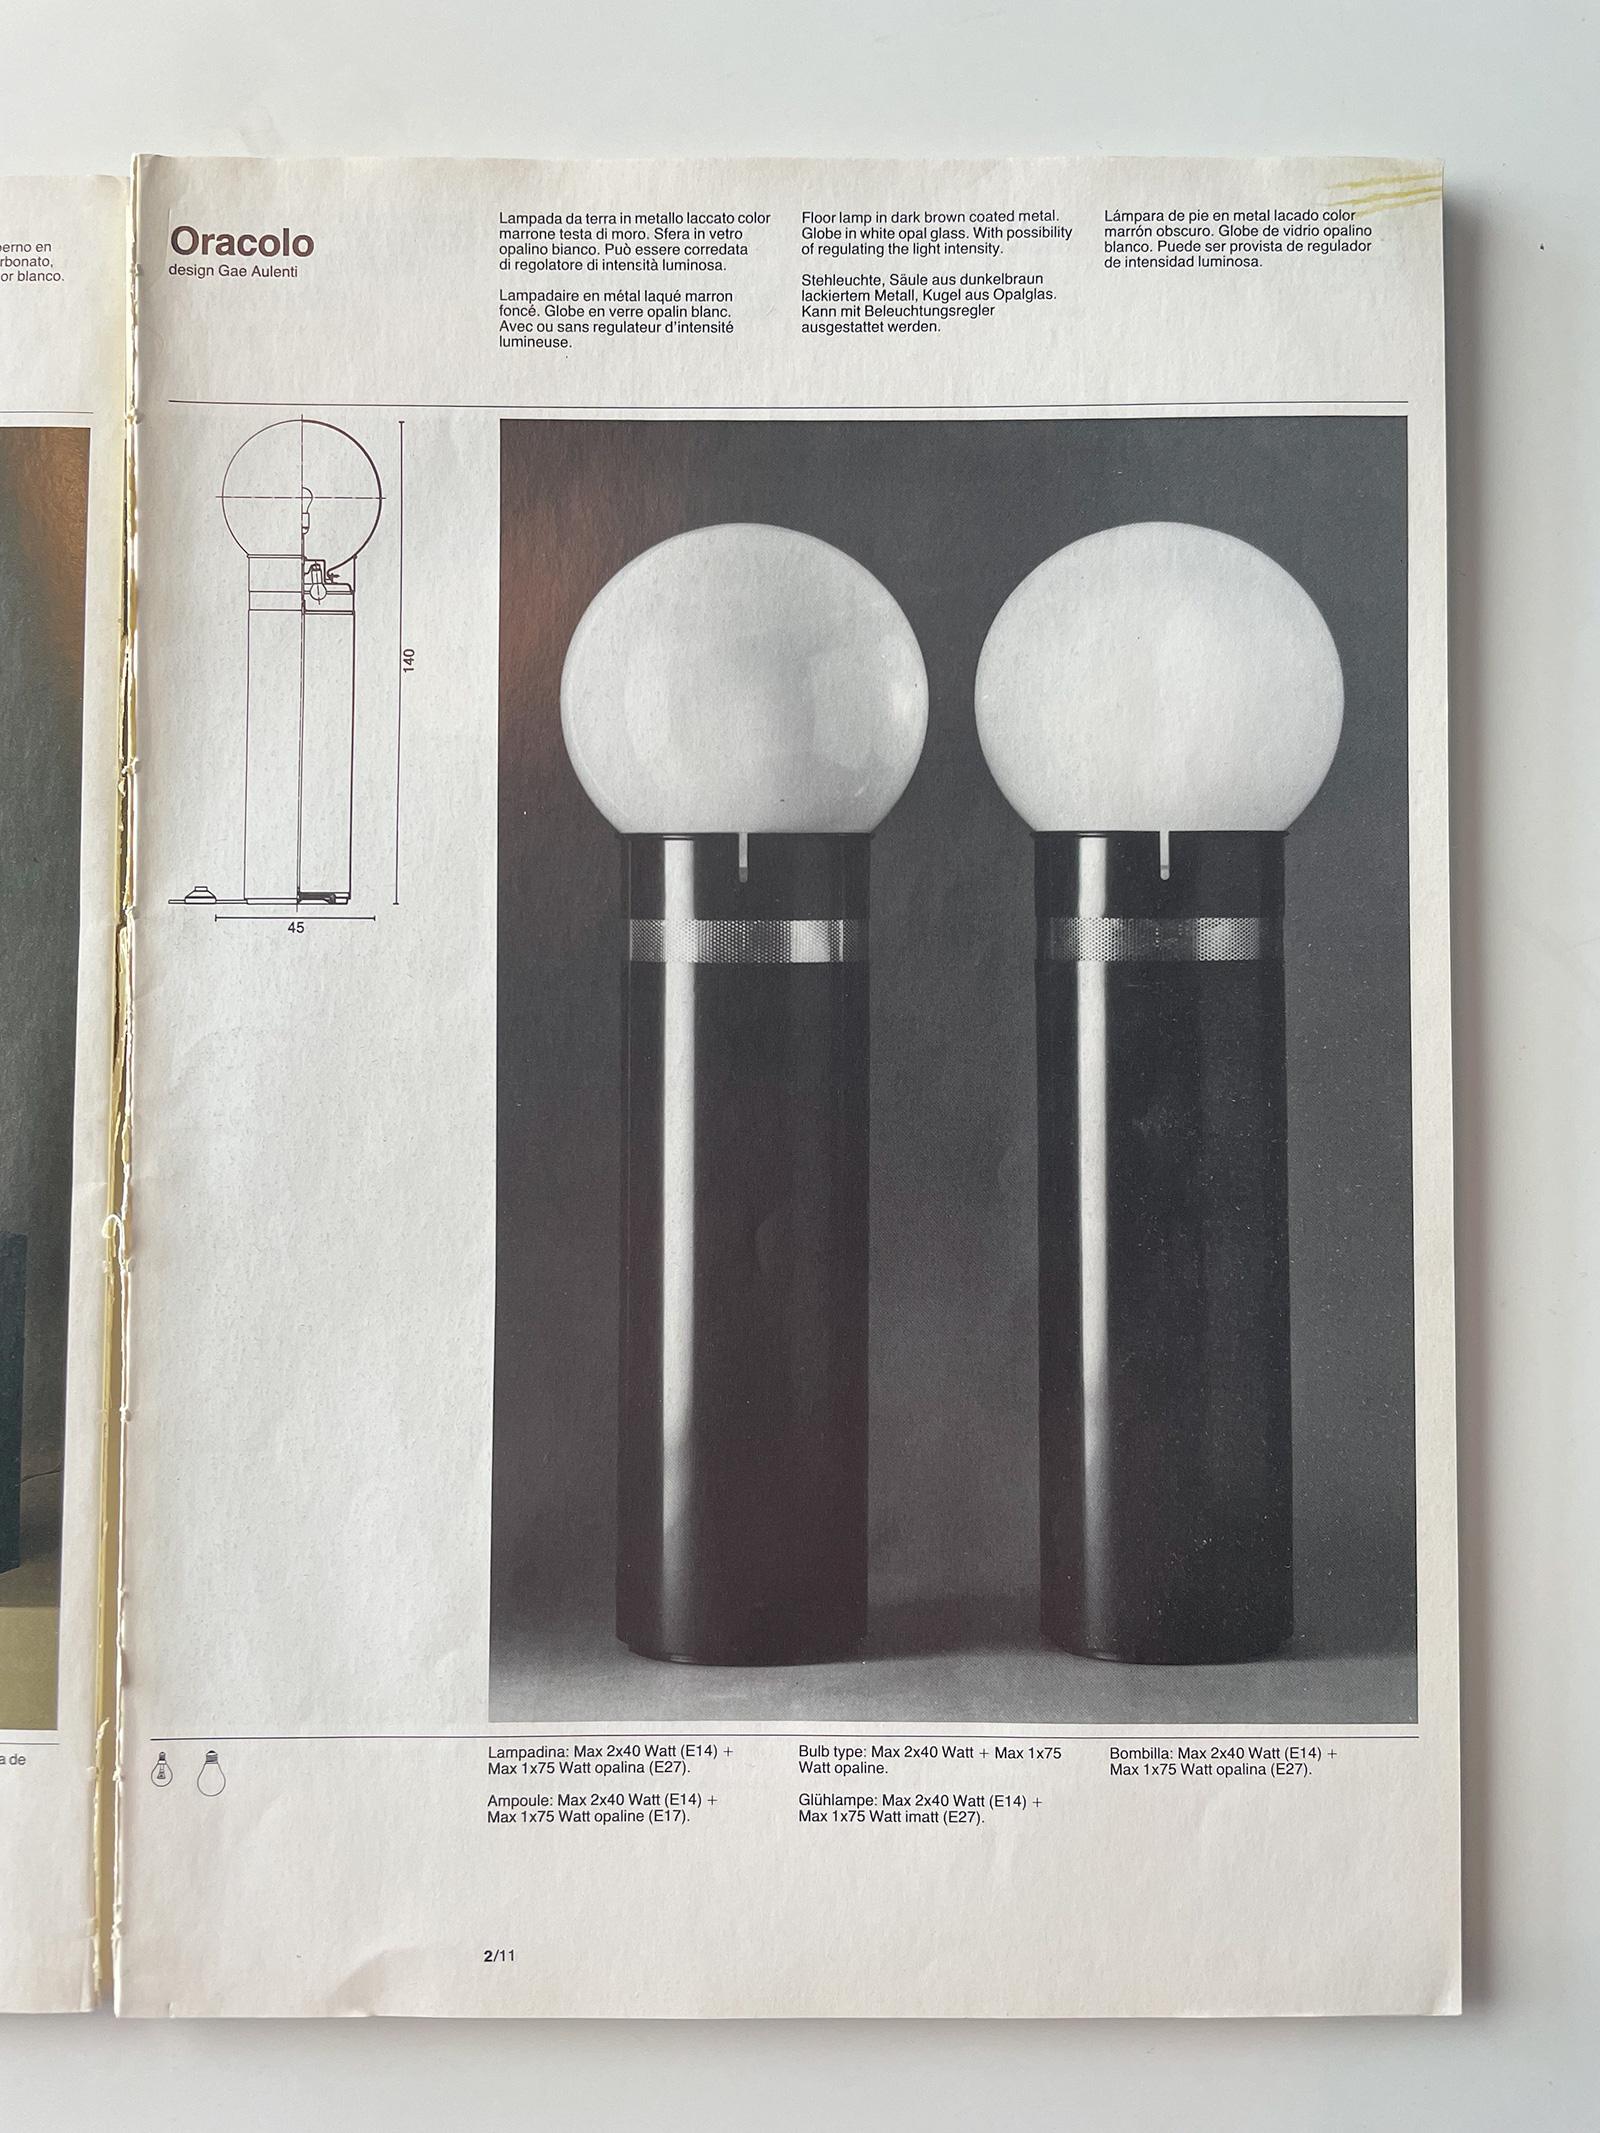 Gae Aulenti Oracle floor lamp for Artemideimage 6